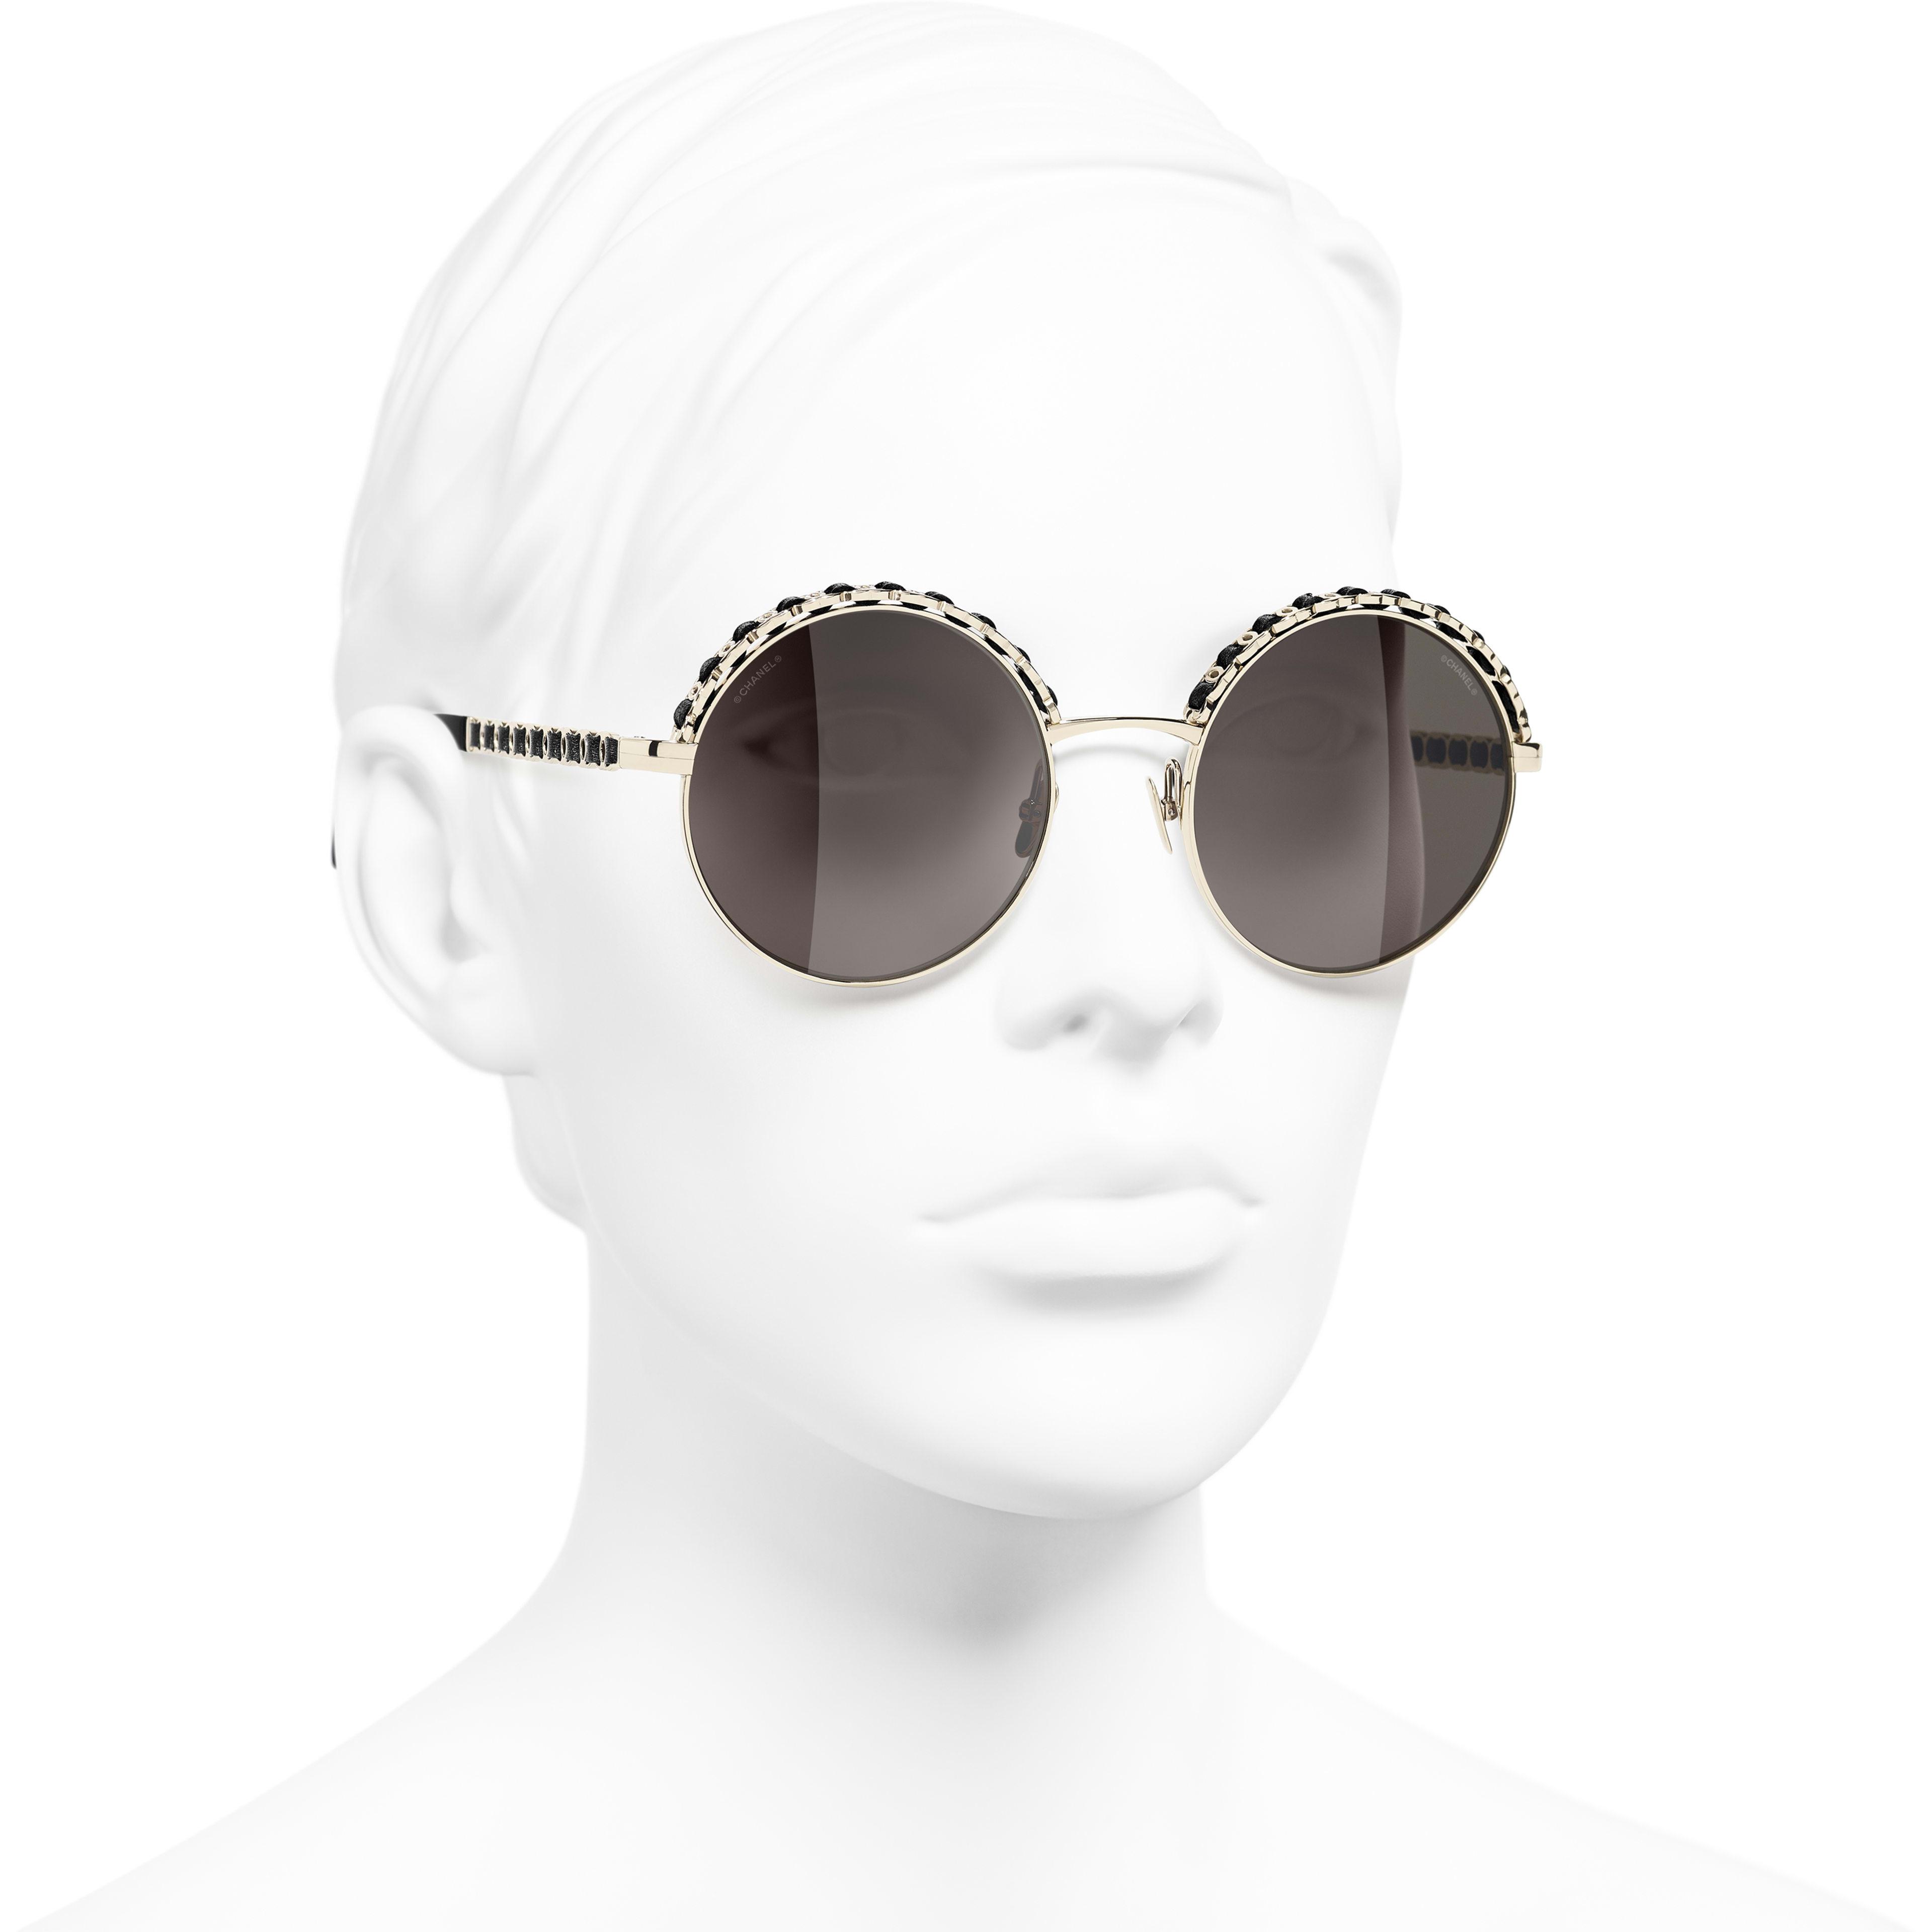 Runde Sonnenbrille - Goldfarben & Schwarz - Metall & Lammleder - CHANEL - 3/4-Ansicht - Standardgröße anzeigen